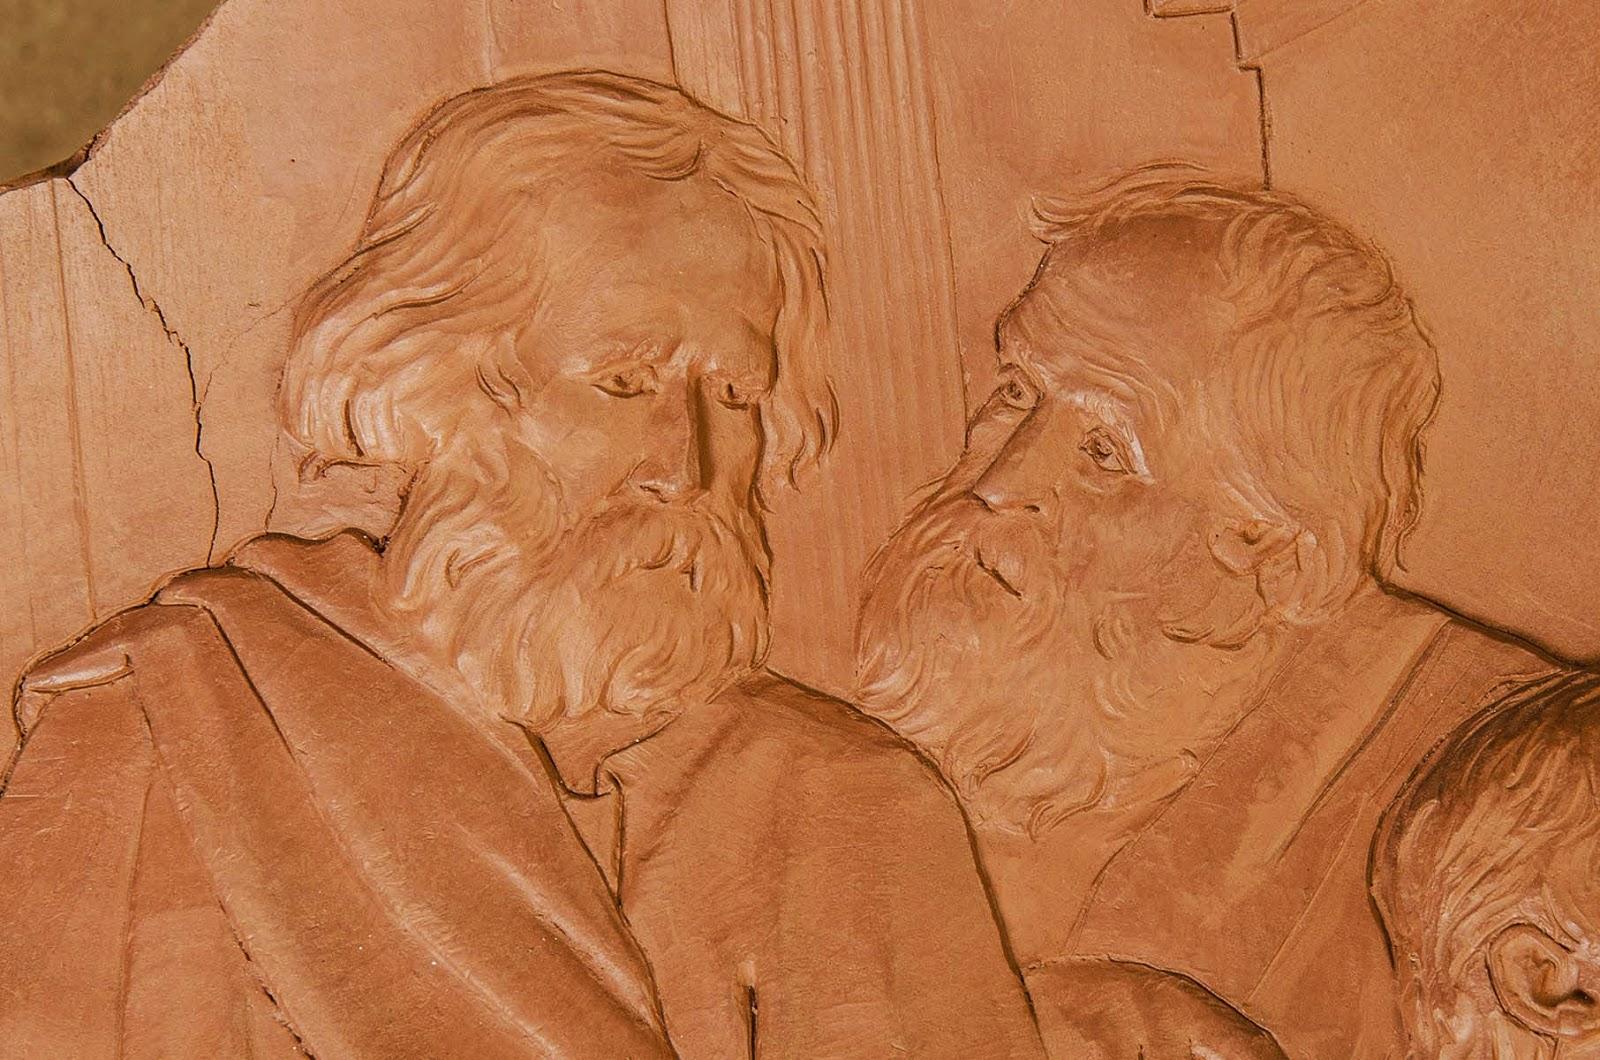 Trono Soledad Semana Santa Cartagena Murcia Arturo Serra escultura 33